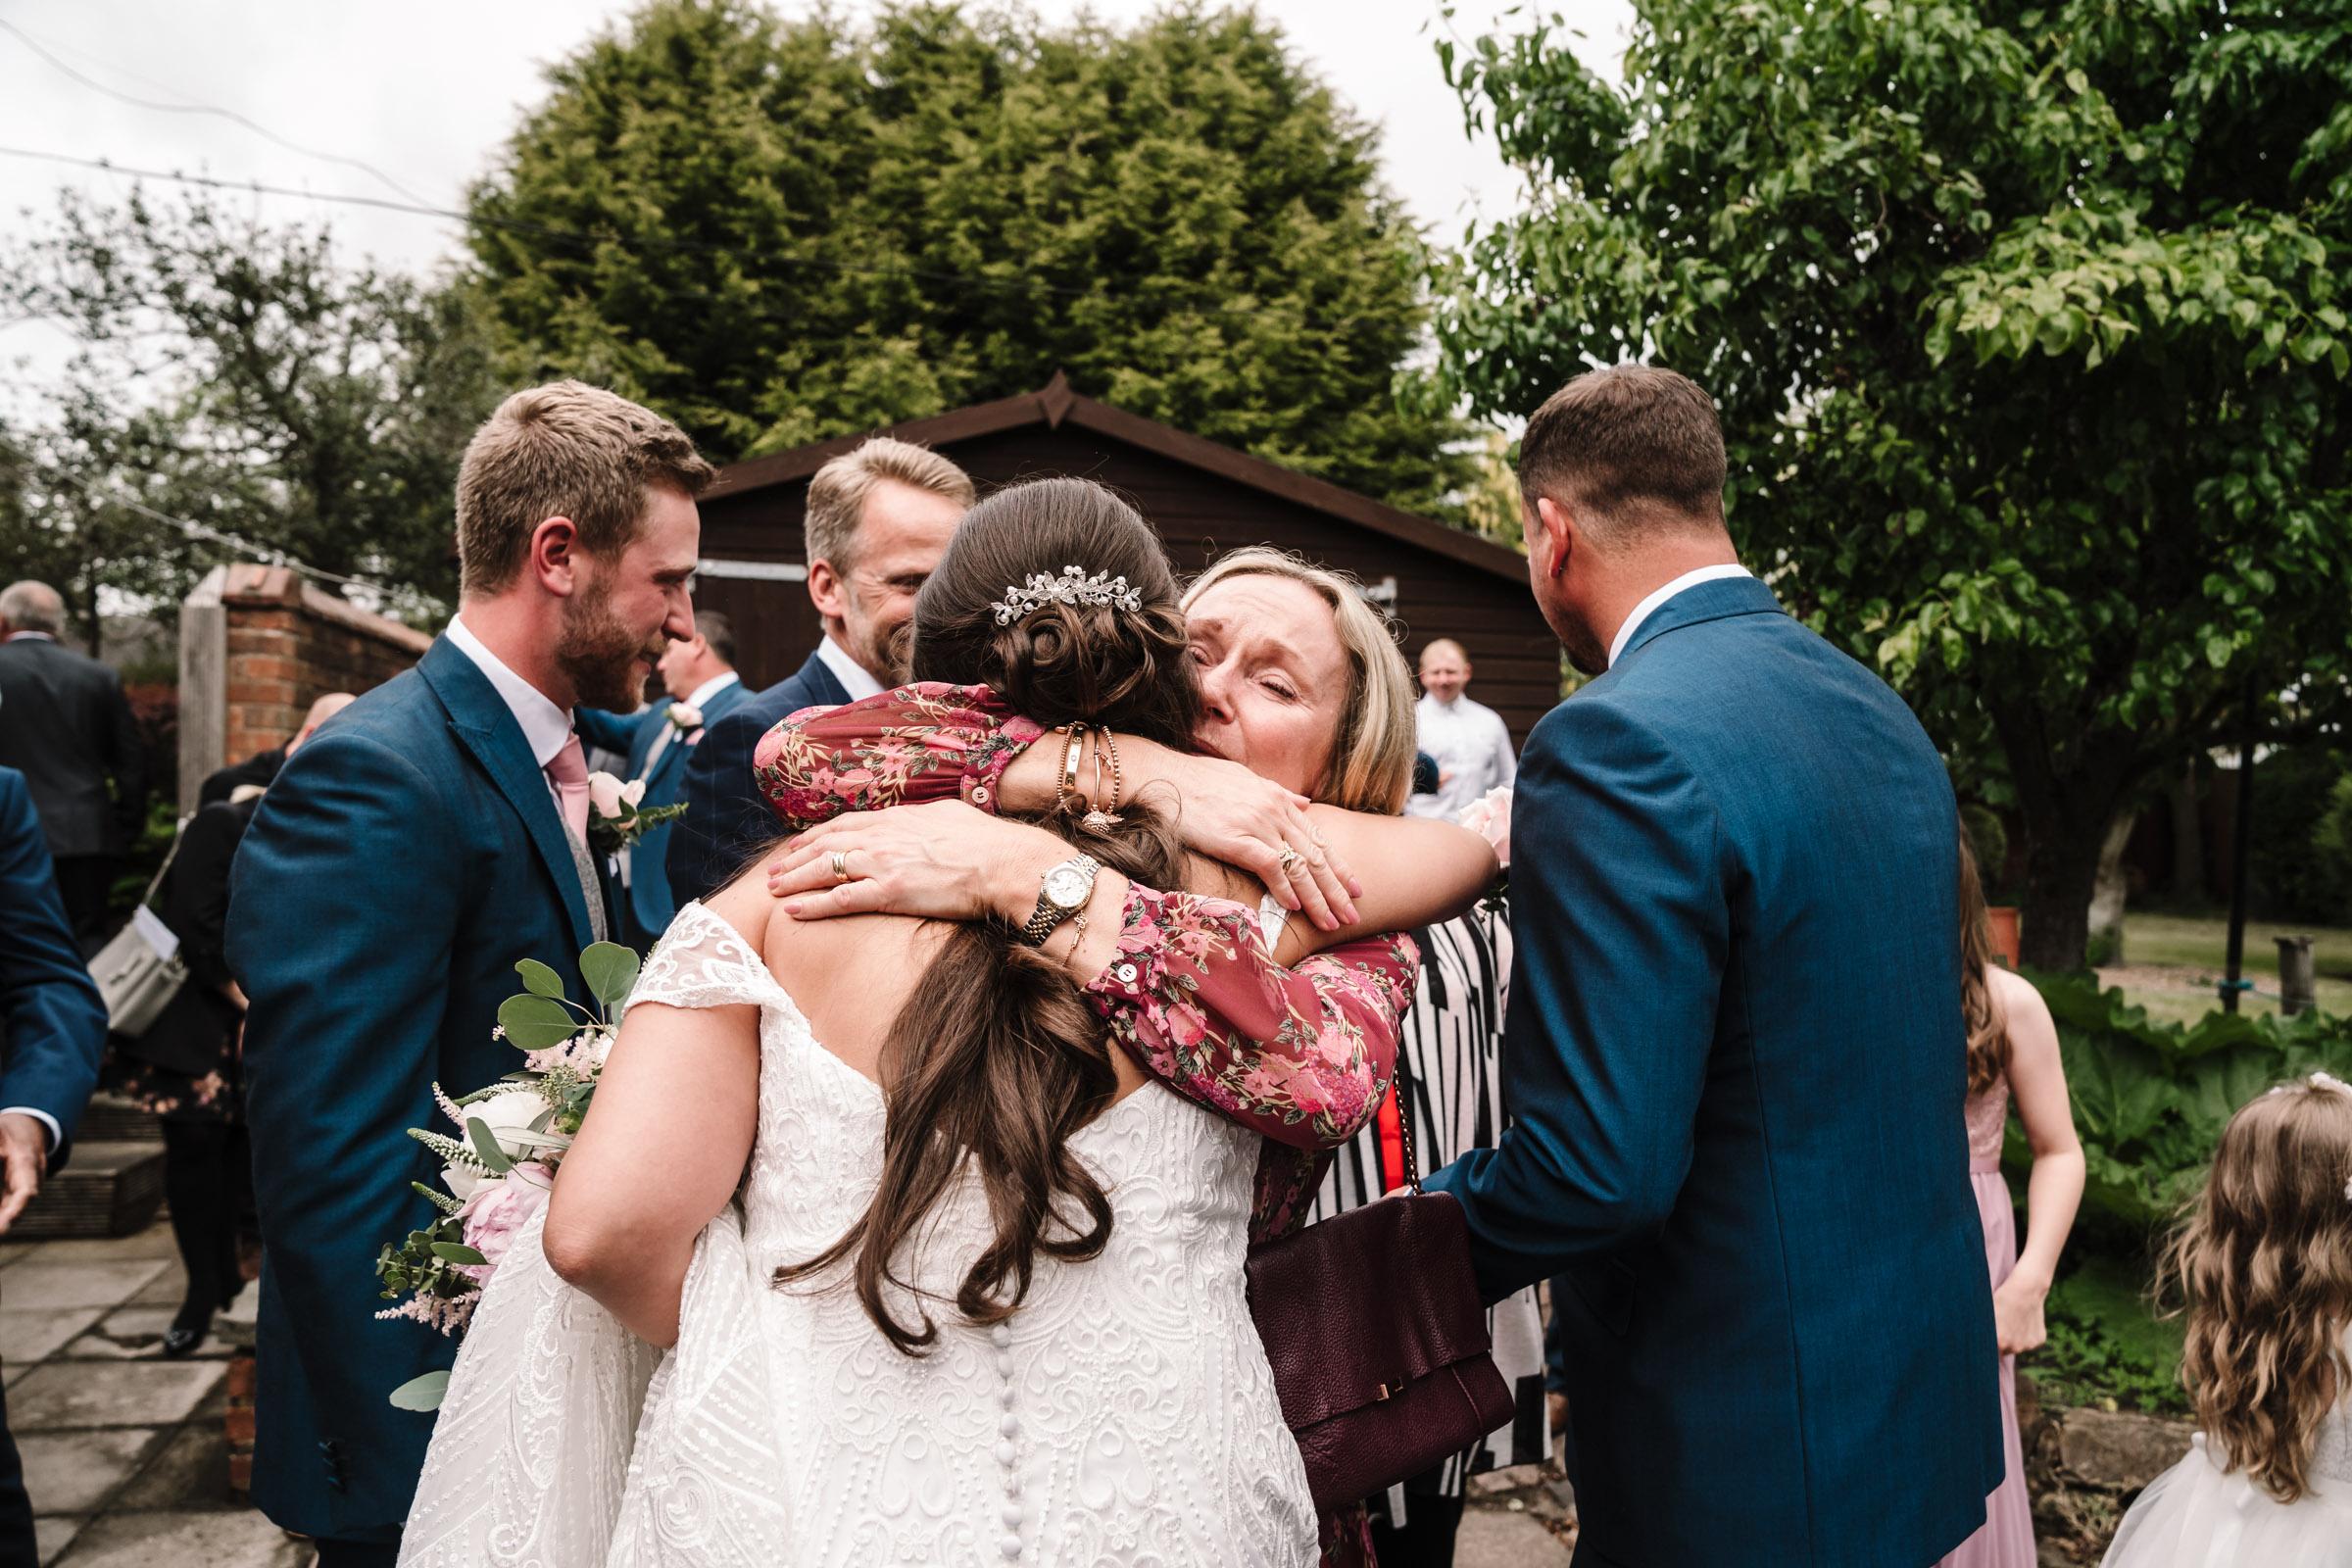 Guests congratulating bride after wedding ceremony